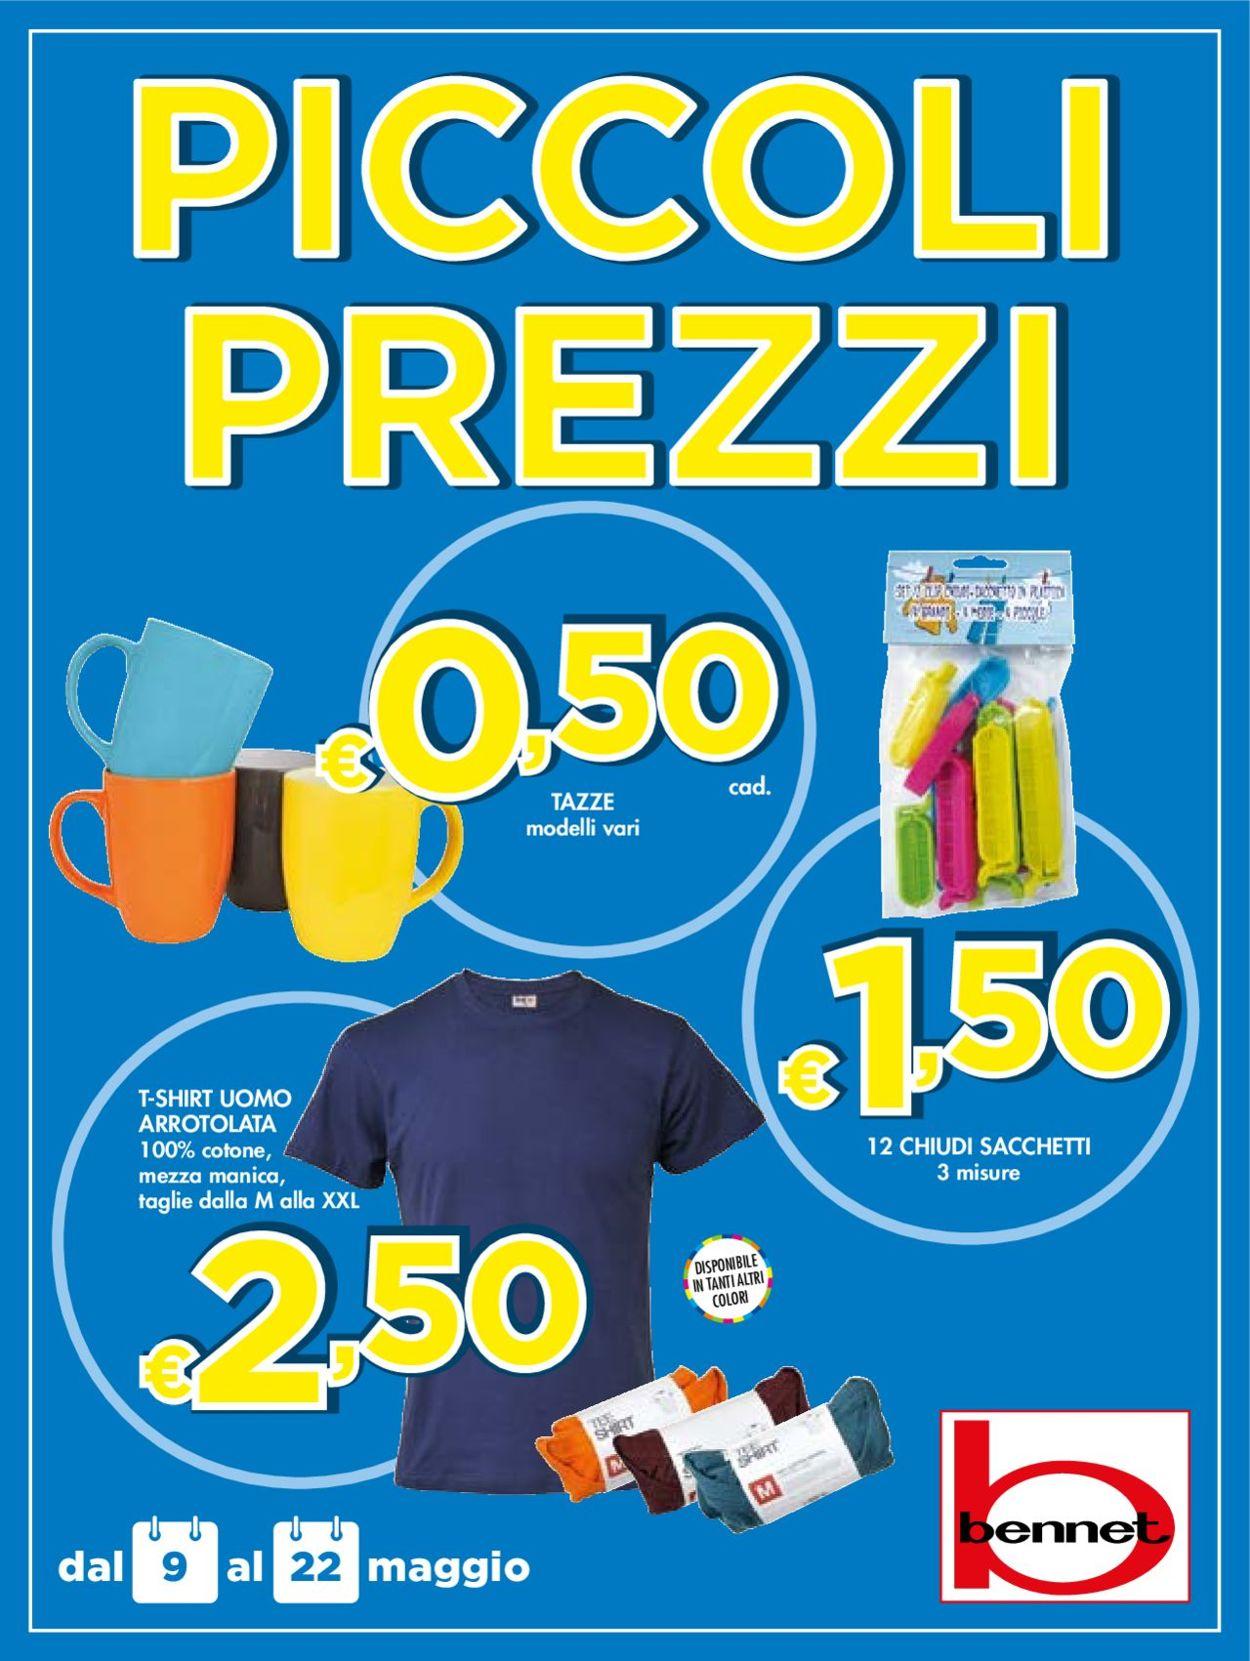 Volantino bennet - Offerte 09/05-22/05/2019